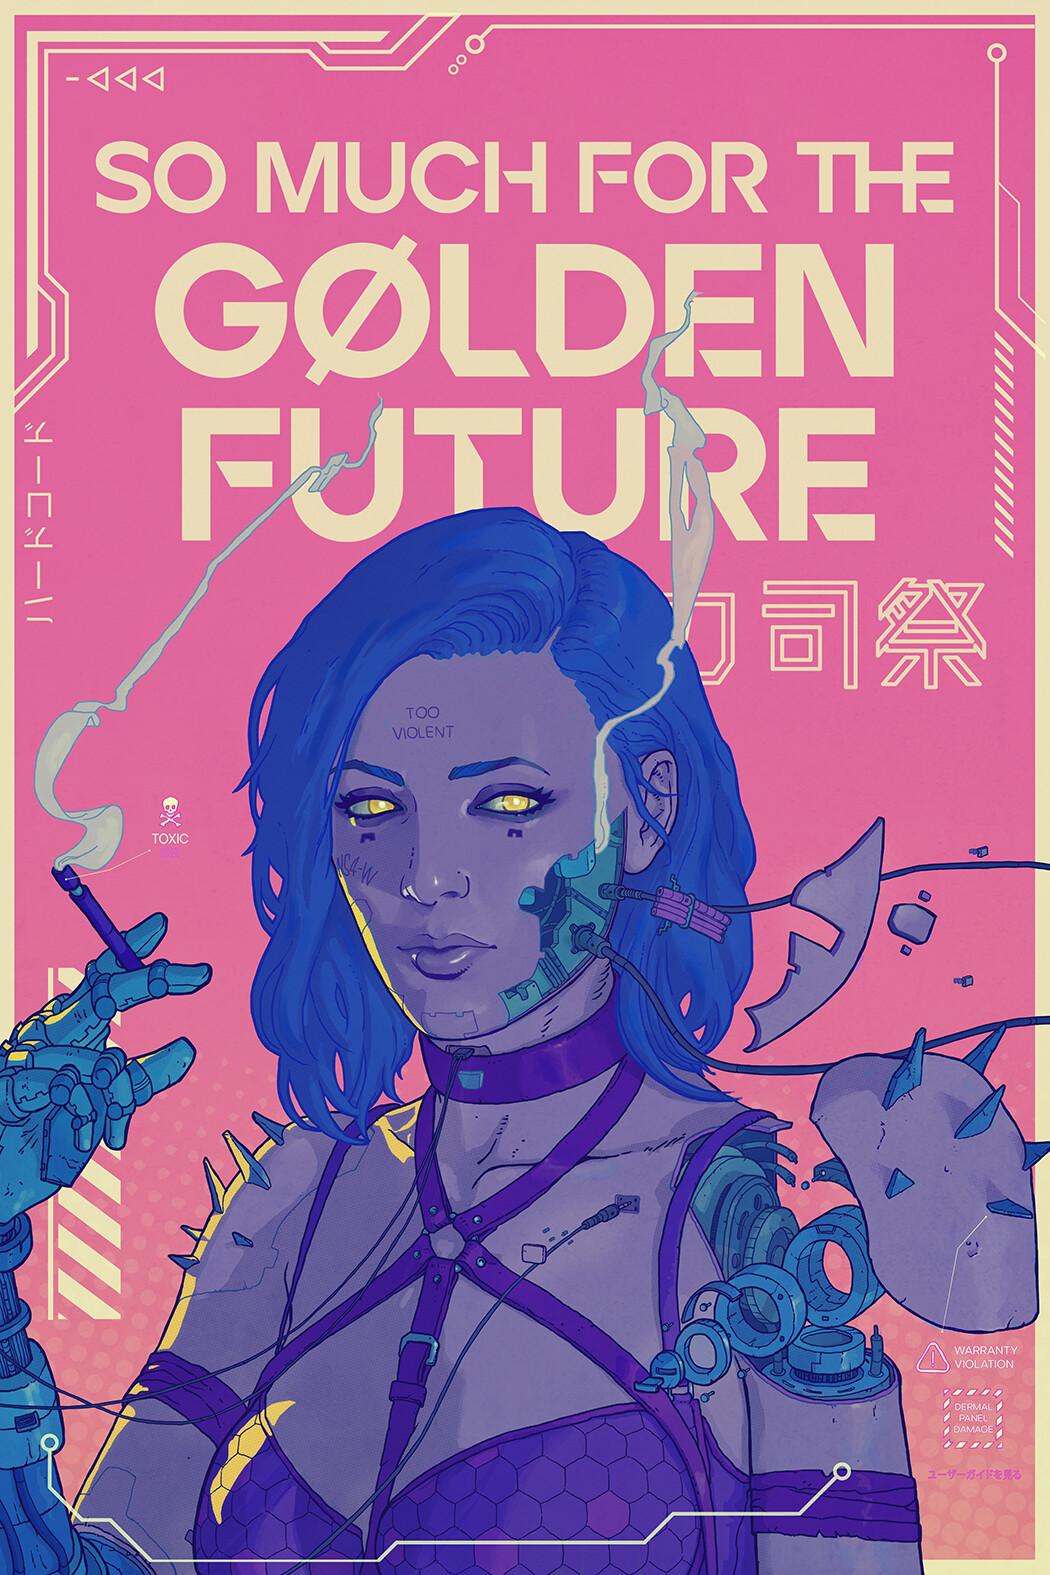 Golden Future